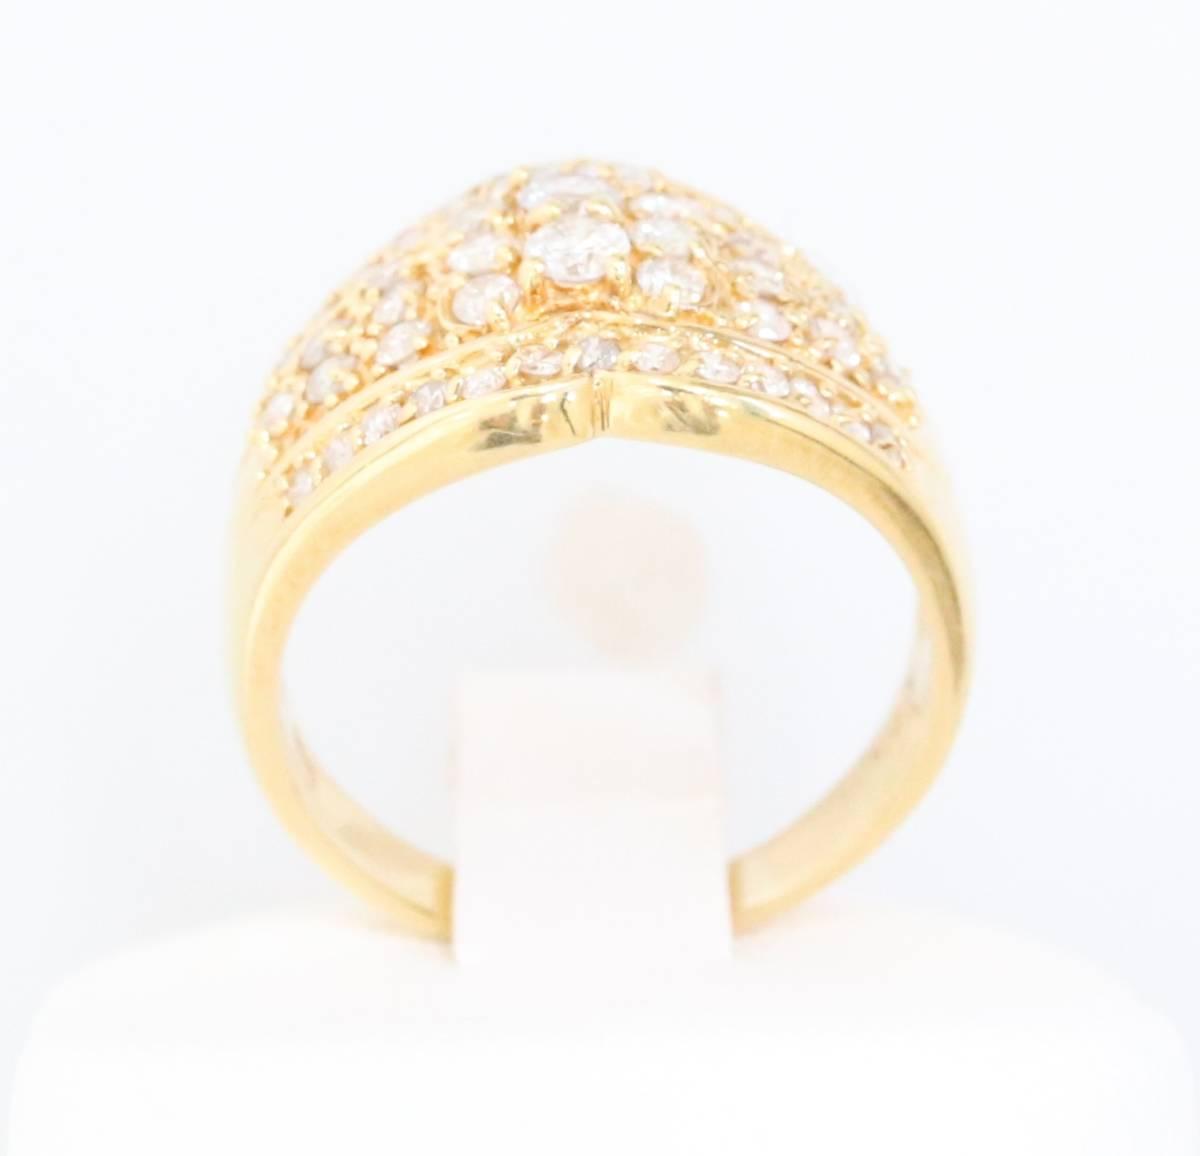 【1円スタート】 ♪★豪華な輝き★天然ダイヤモンド1.03ct K18リング♪ Jewel de Coco_画像4